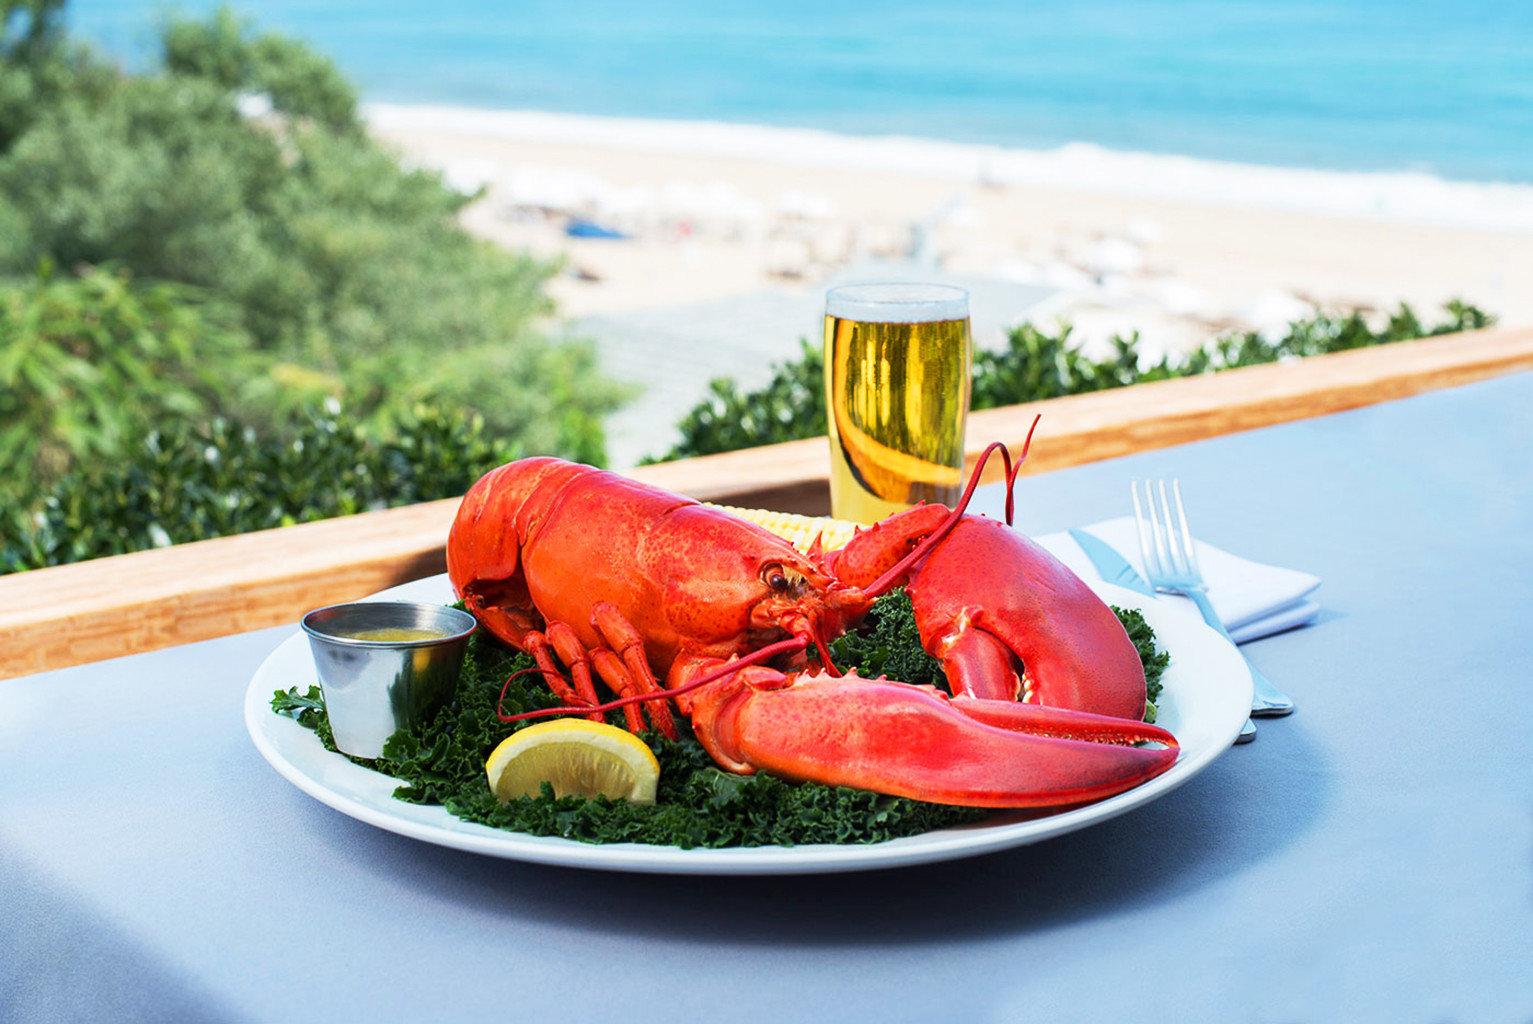 Eat arthropod plate invertebrate food animal Seafood fish lobster animal source foods